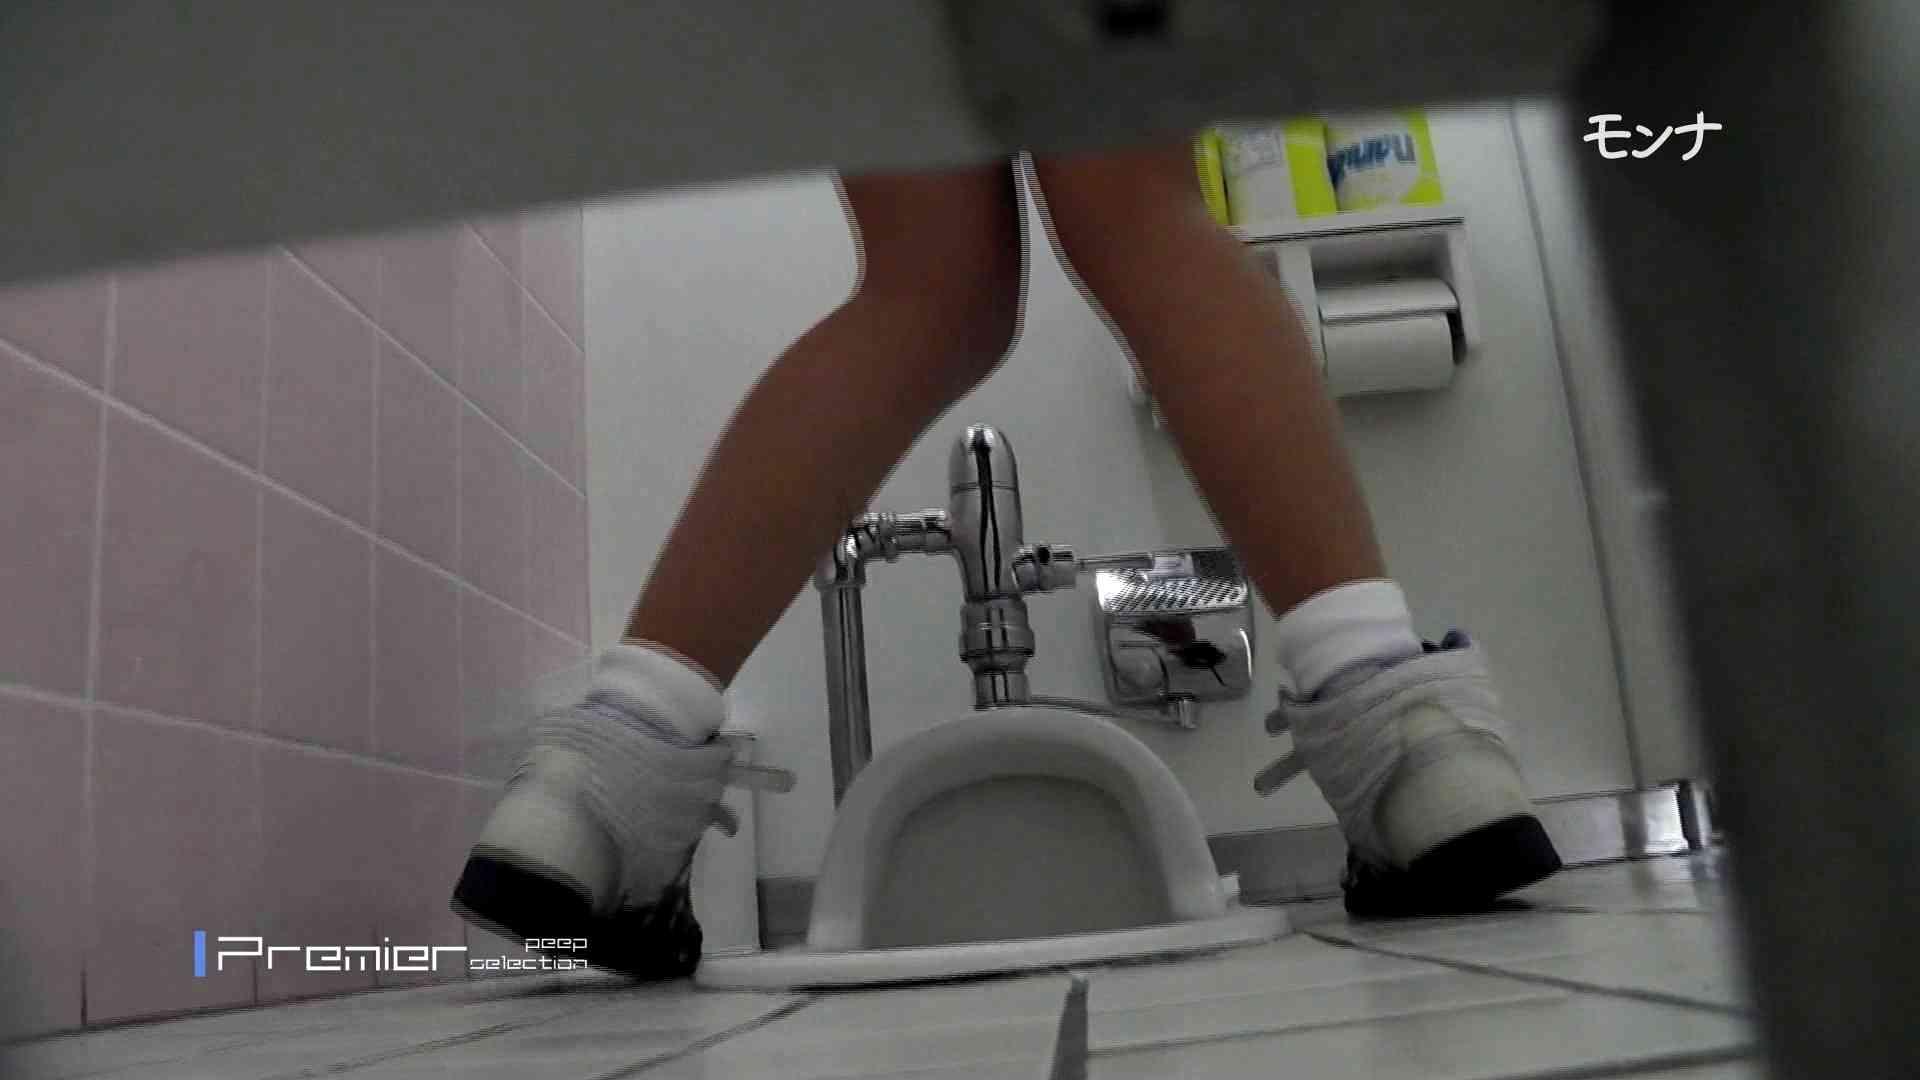 トイレ盗撮|美しい日本の未来 No.108|怪盗ジョーカー